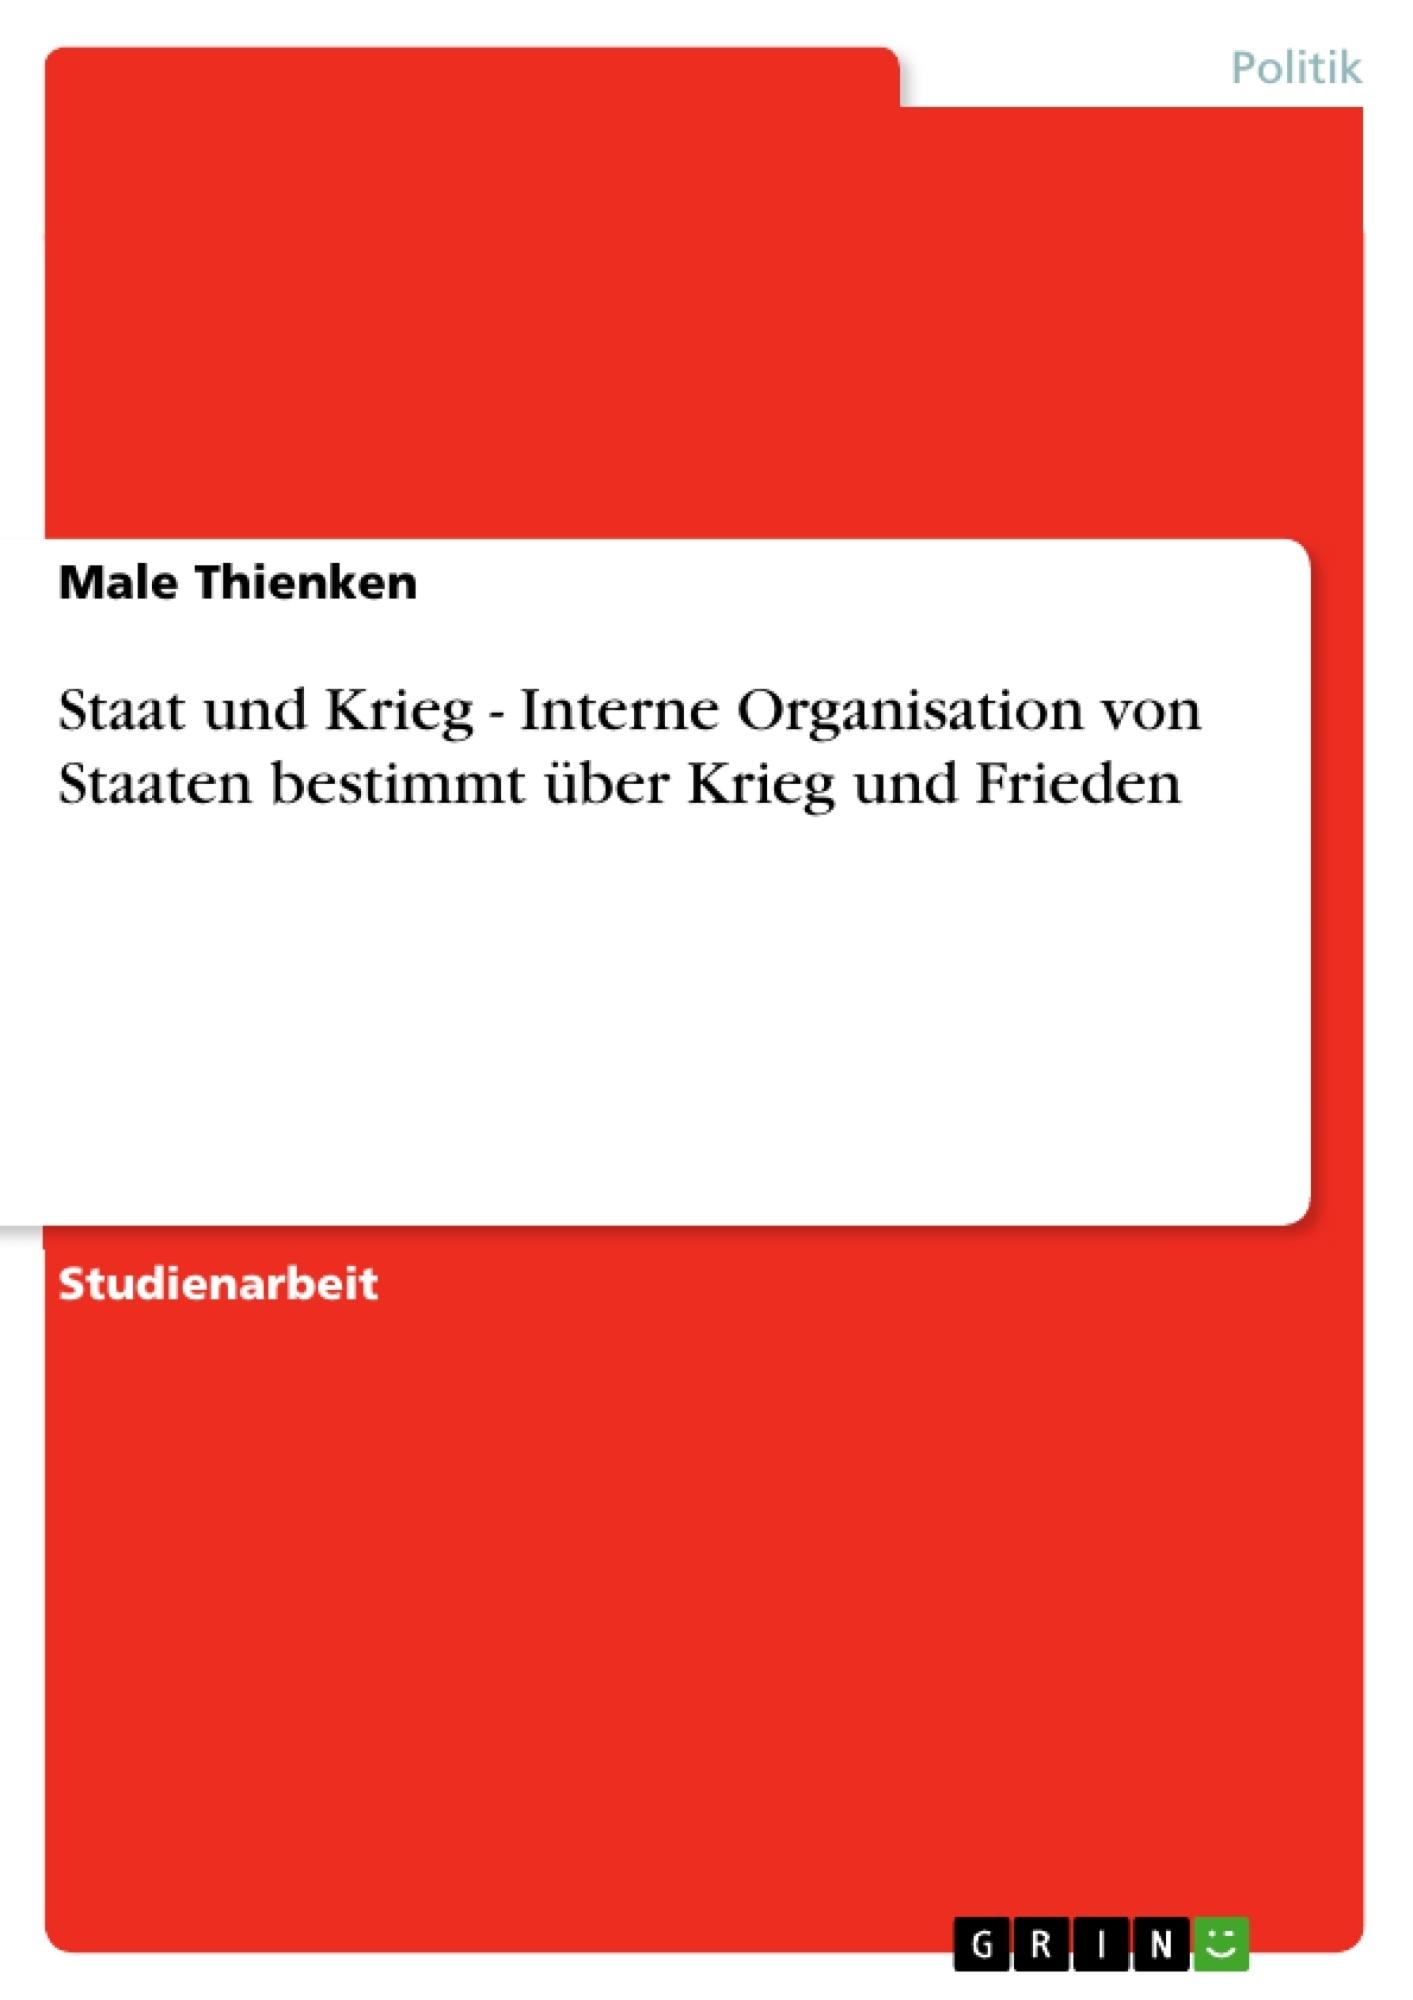 Titel: Staat und Krieg - Interne Organisation von Staaten bestimmt über Krieg und Frieden